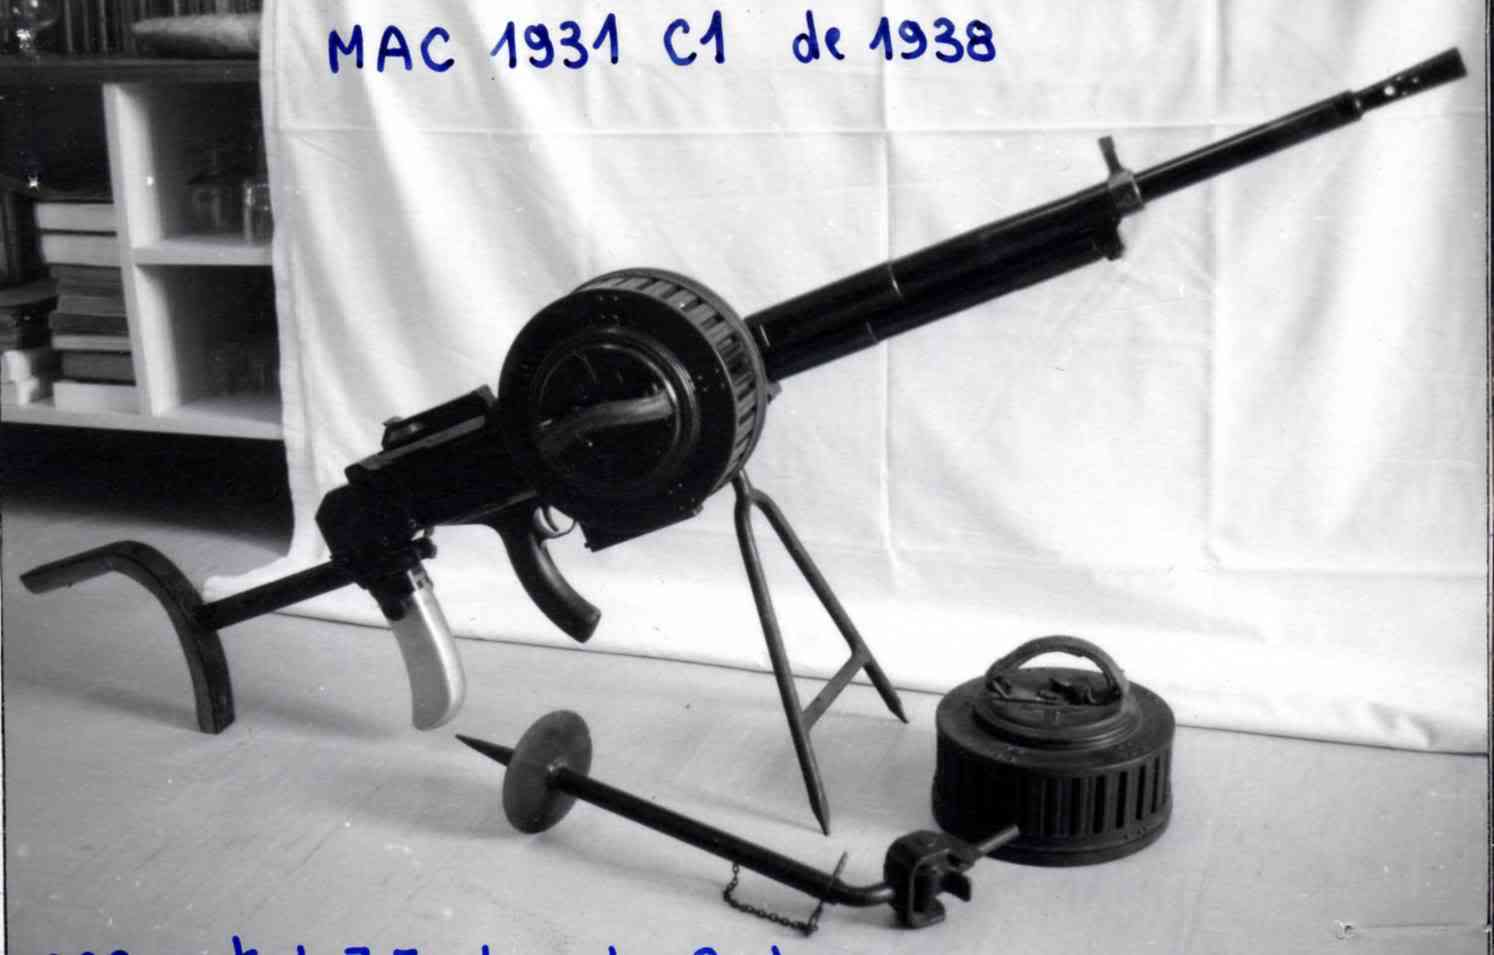 MAC 31 REIBEL 2ptsakj